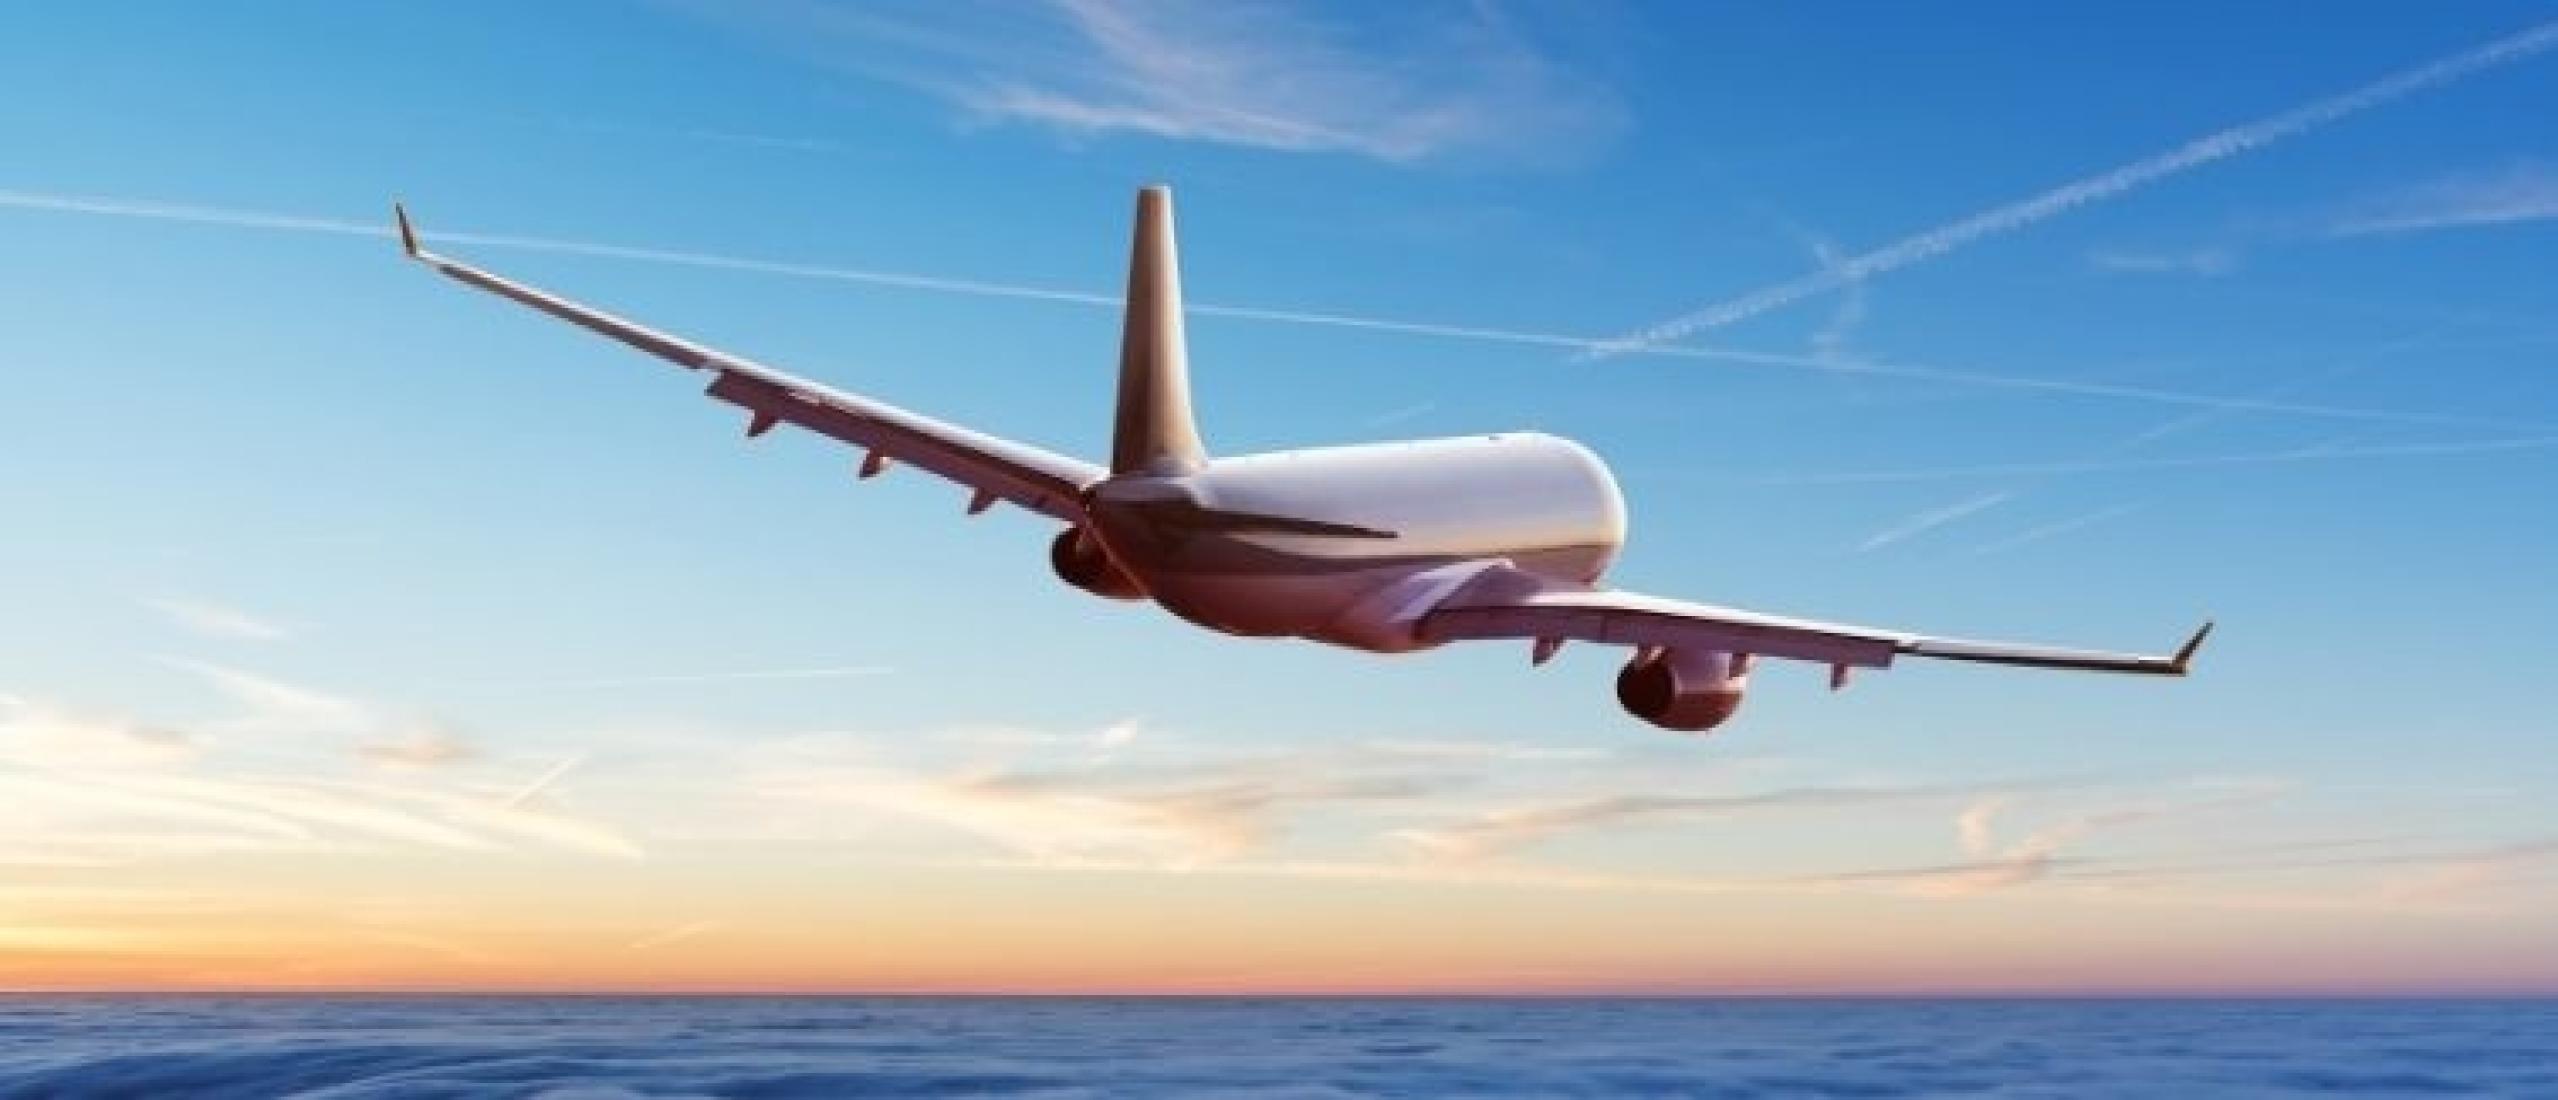 De grote voordelen van luchthavenvervoer